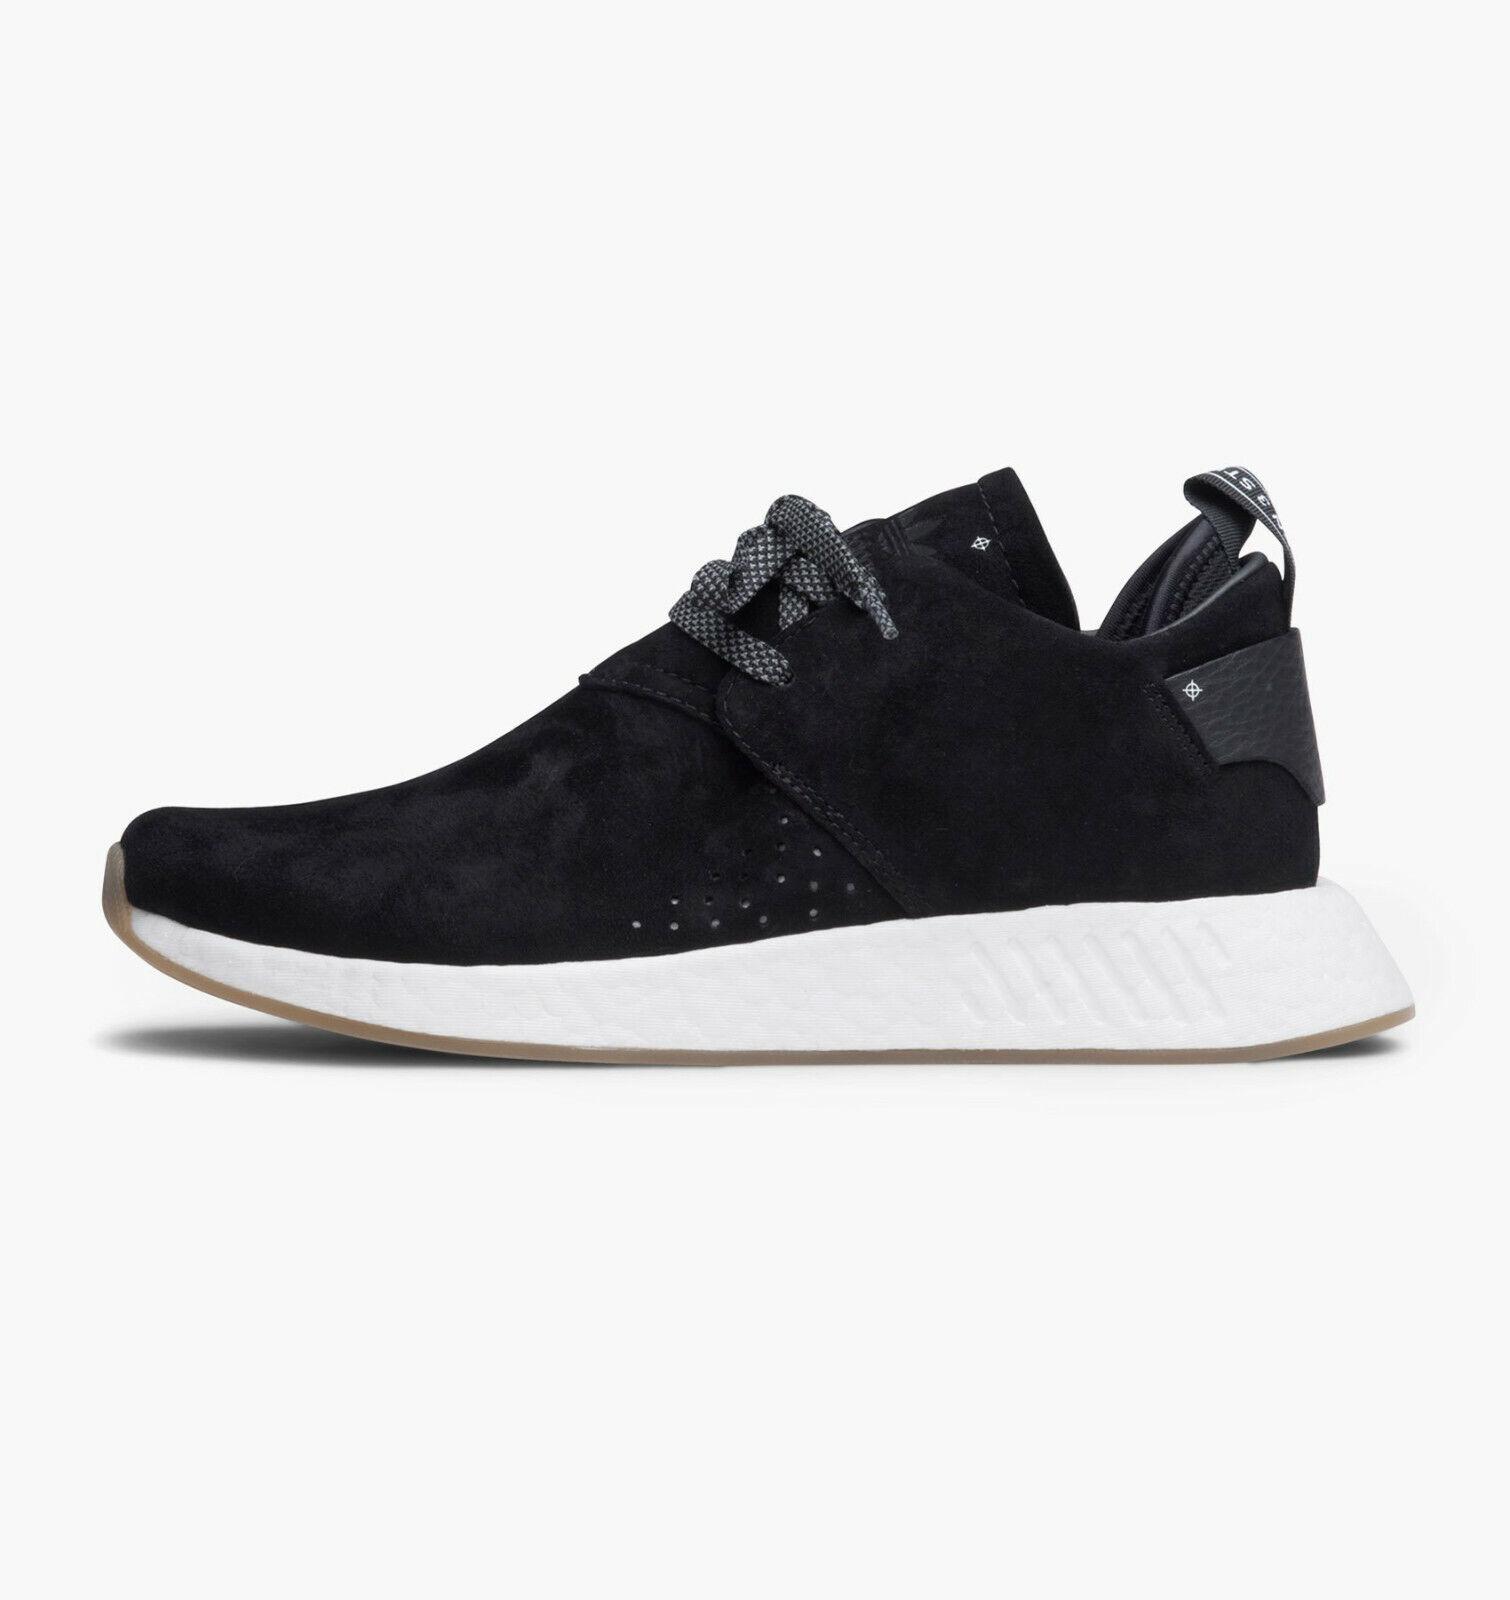 Adidas Originals NMD_C2 (BY3011) - Gr. EU 44 Neu in OVP